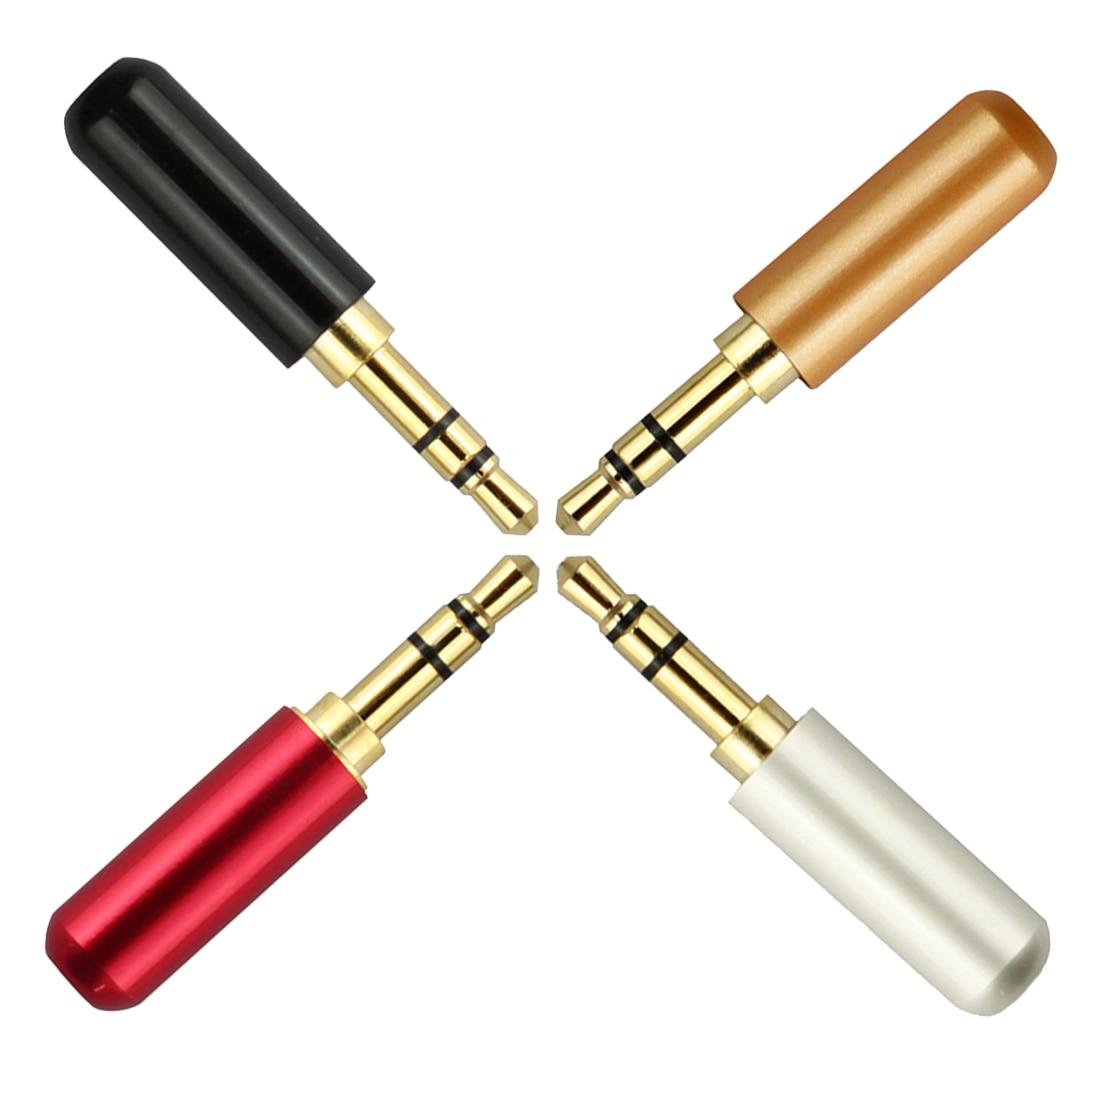 Новый 3,5 мм 1/8 стерео разъем 3 дуги двухканальный DIY разъем заглушки для наушники пайки